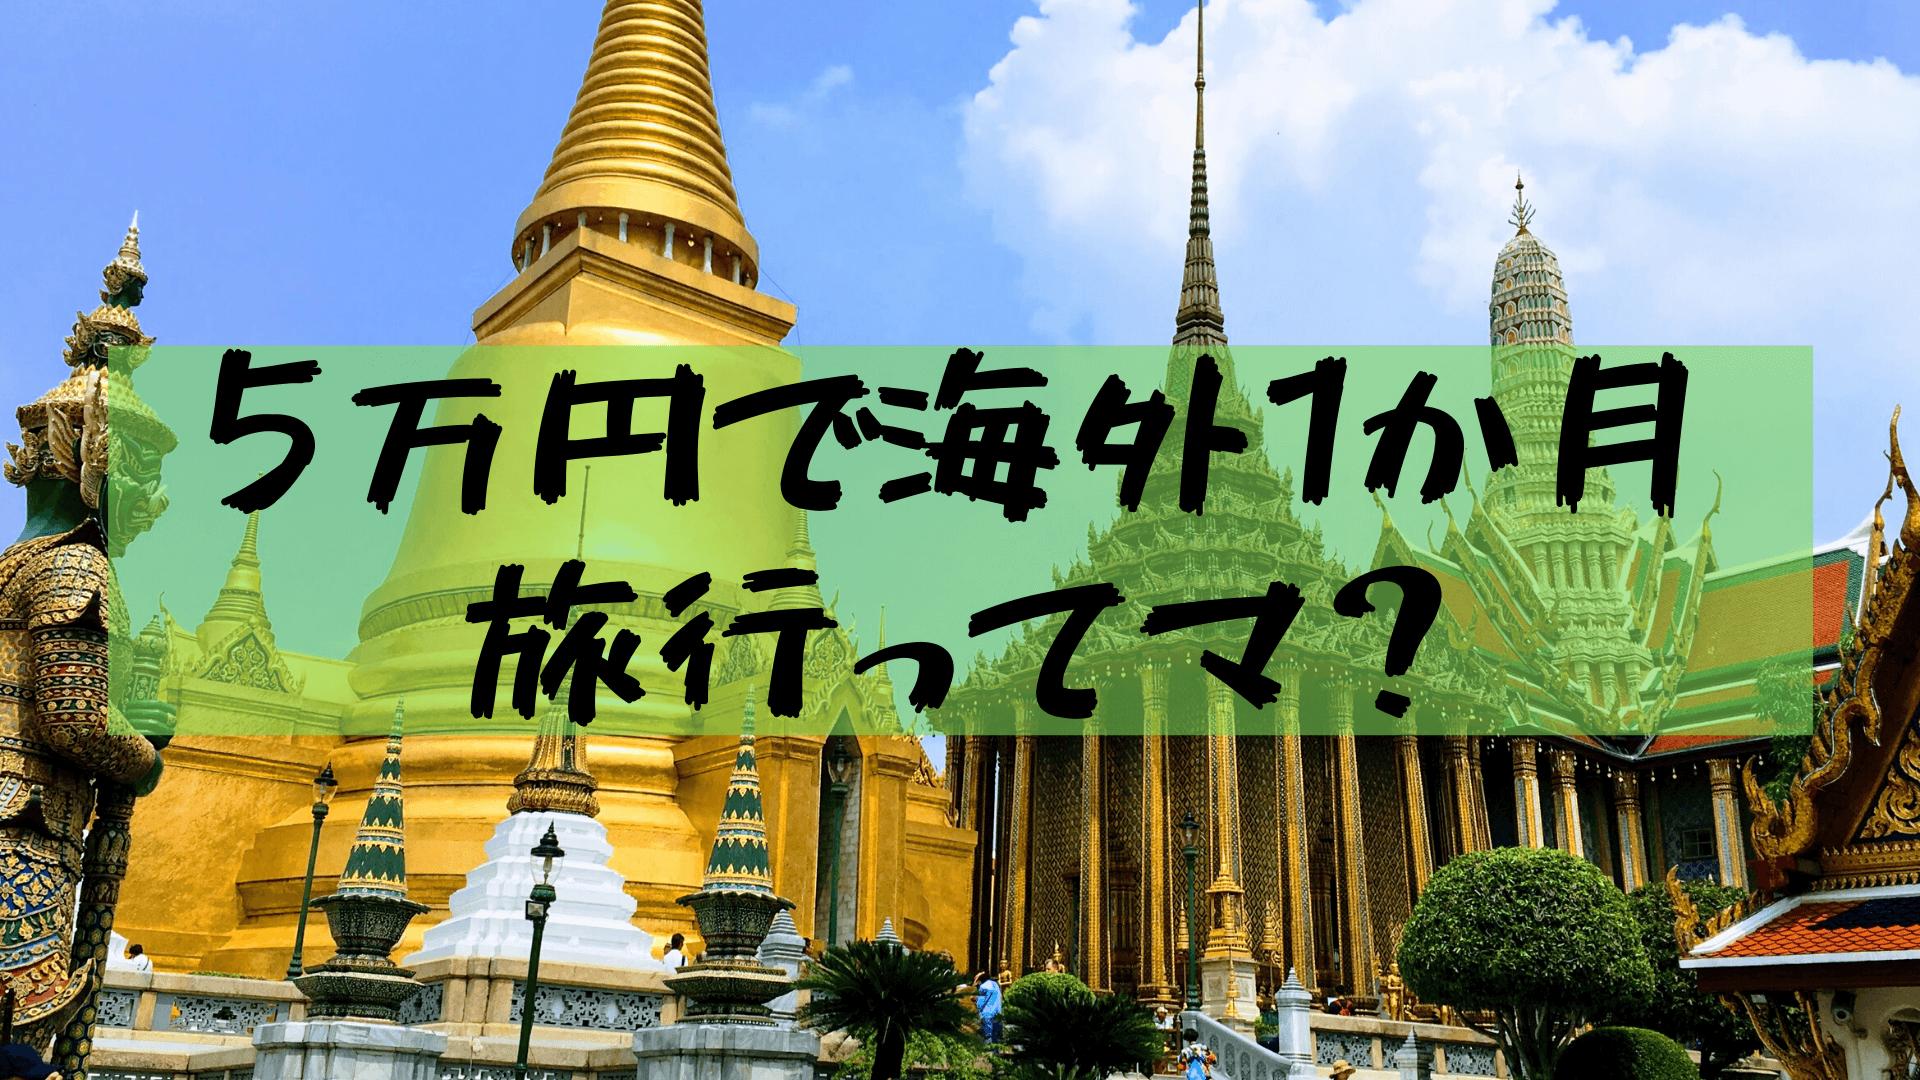 【大学生タイ旅行】大学生バックパッカーは手軽、安心、刺激的な東南アジアがおすすめ!持ち物・日程など